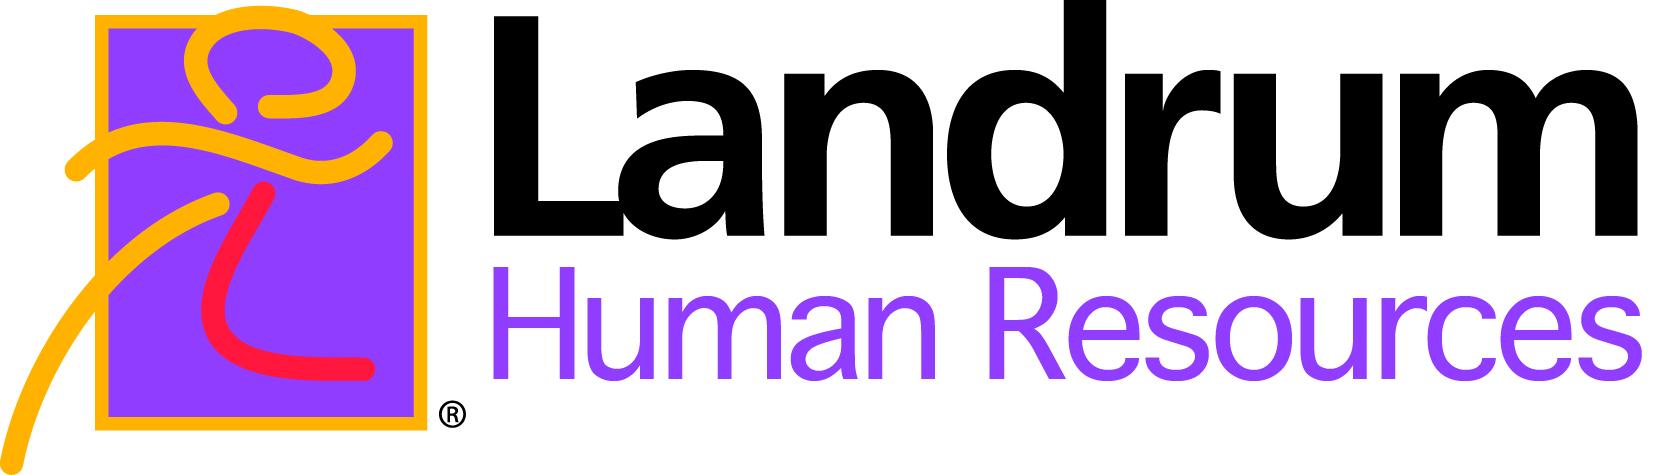 Landrum_HR_purpletype.jpg